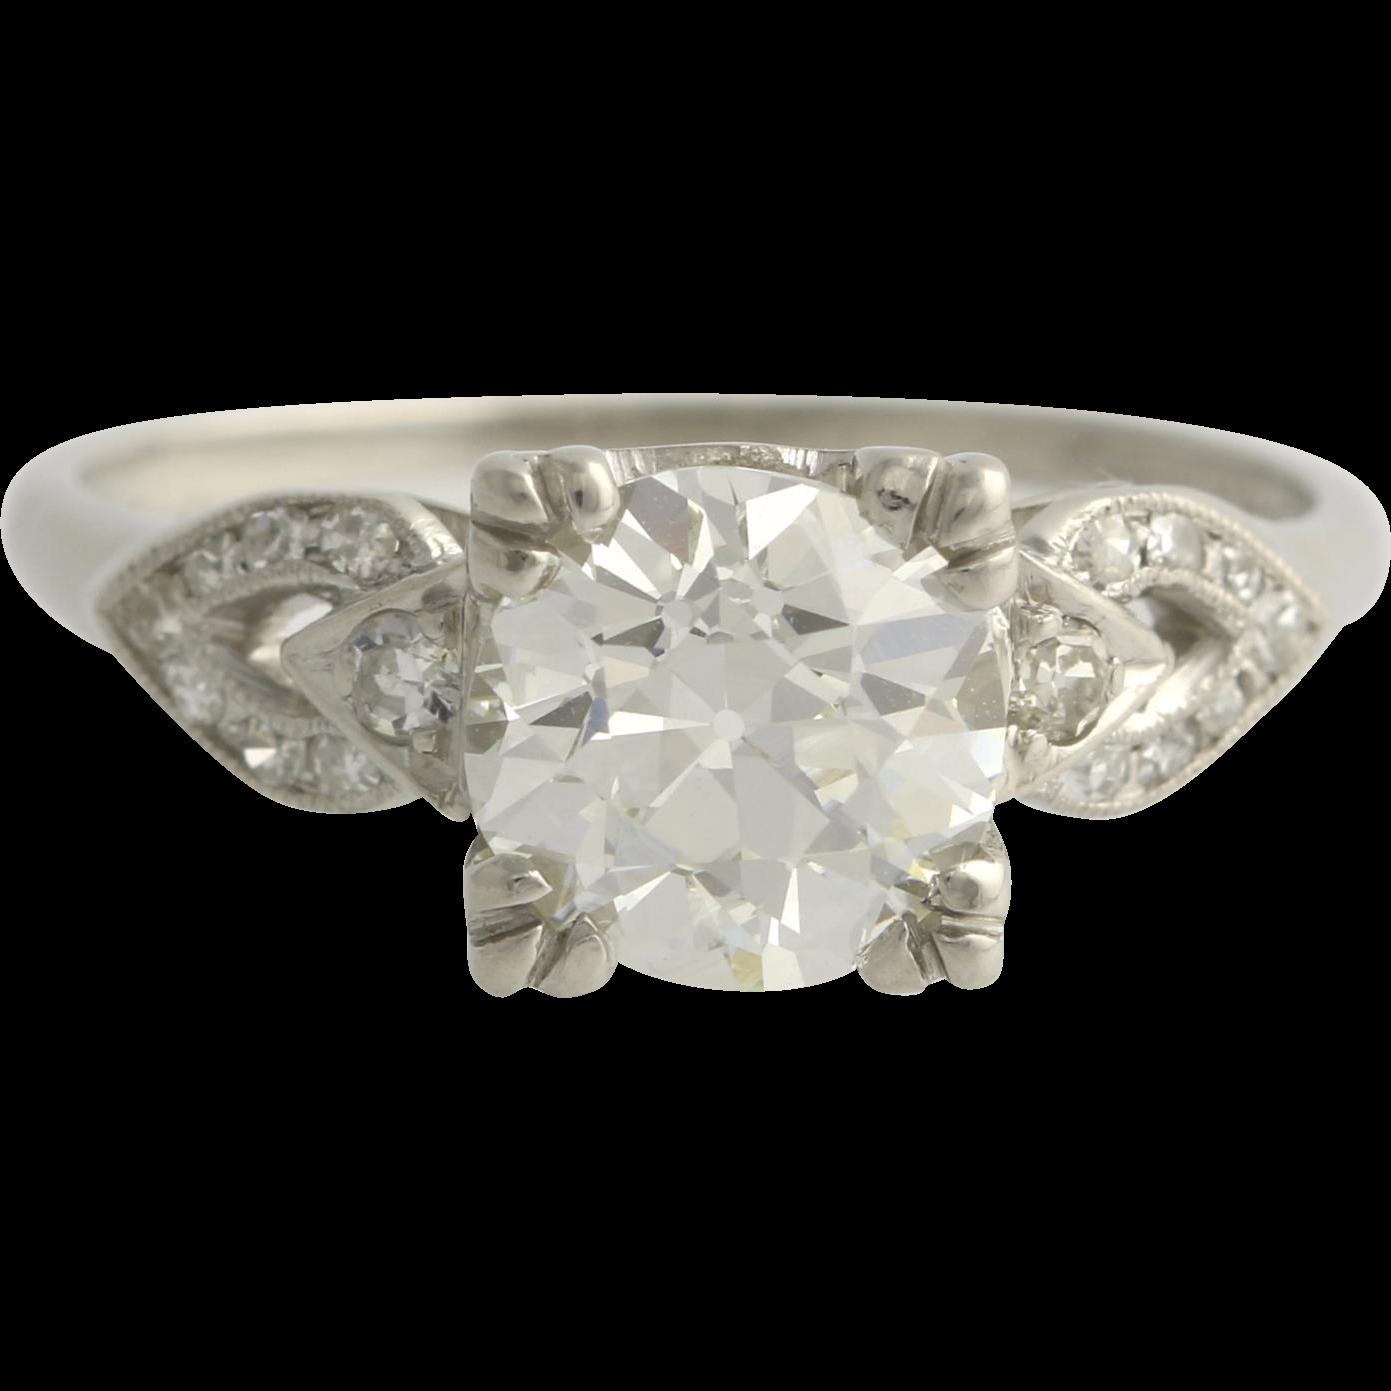 Art Deco Diamond Engagement Ring - 900 Platinum GIA Cert VVS2 Round 2.03ctw